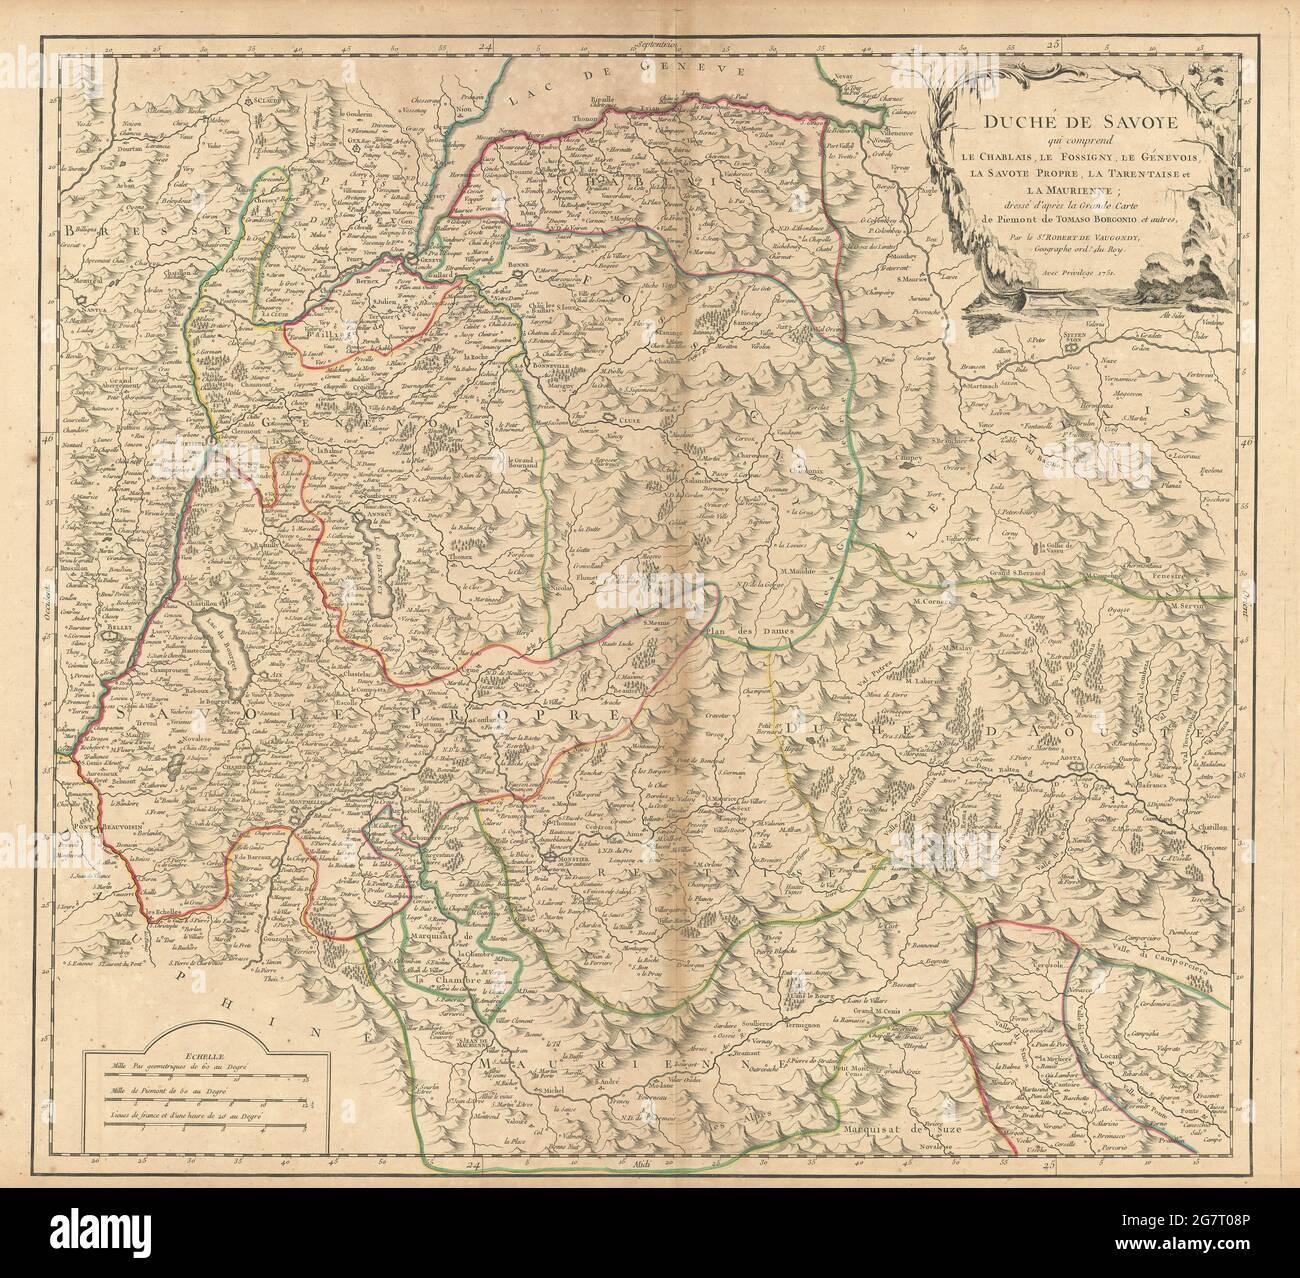 'Duché de Savoye...' Duché de Savoie. Aoste et Alpes françaises. VAUGONDY 1751 ancienne carte Banque D'Images